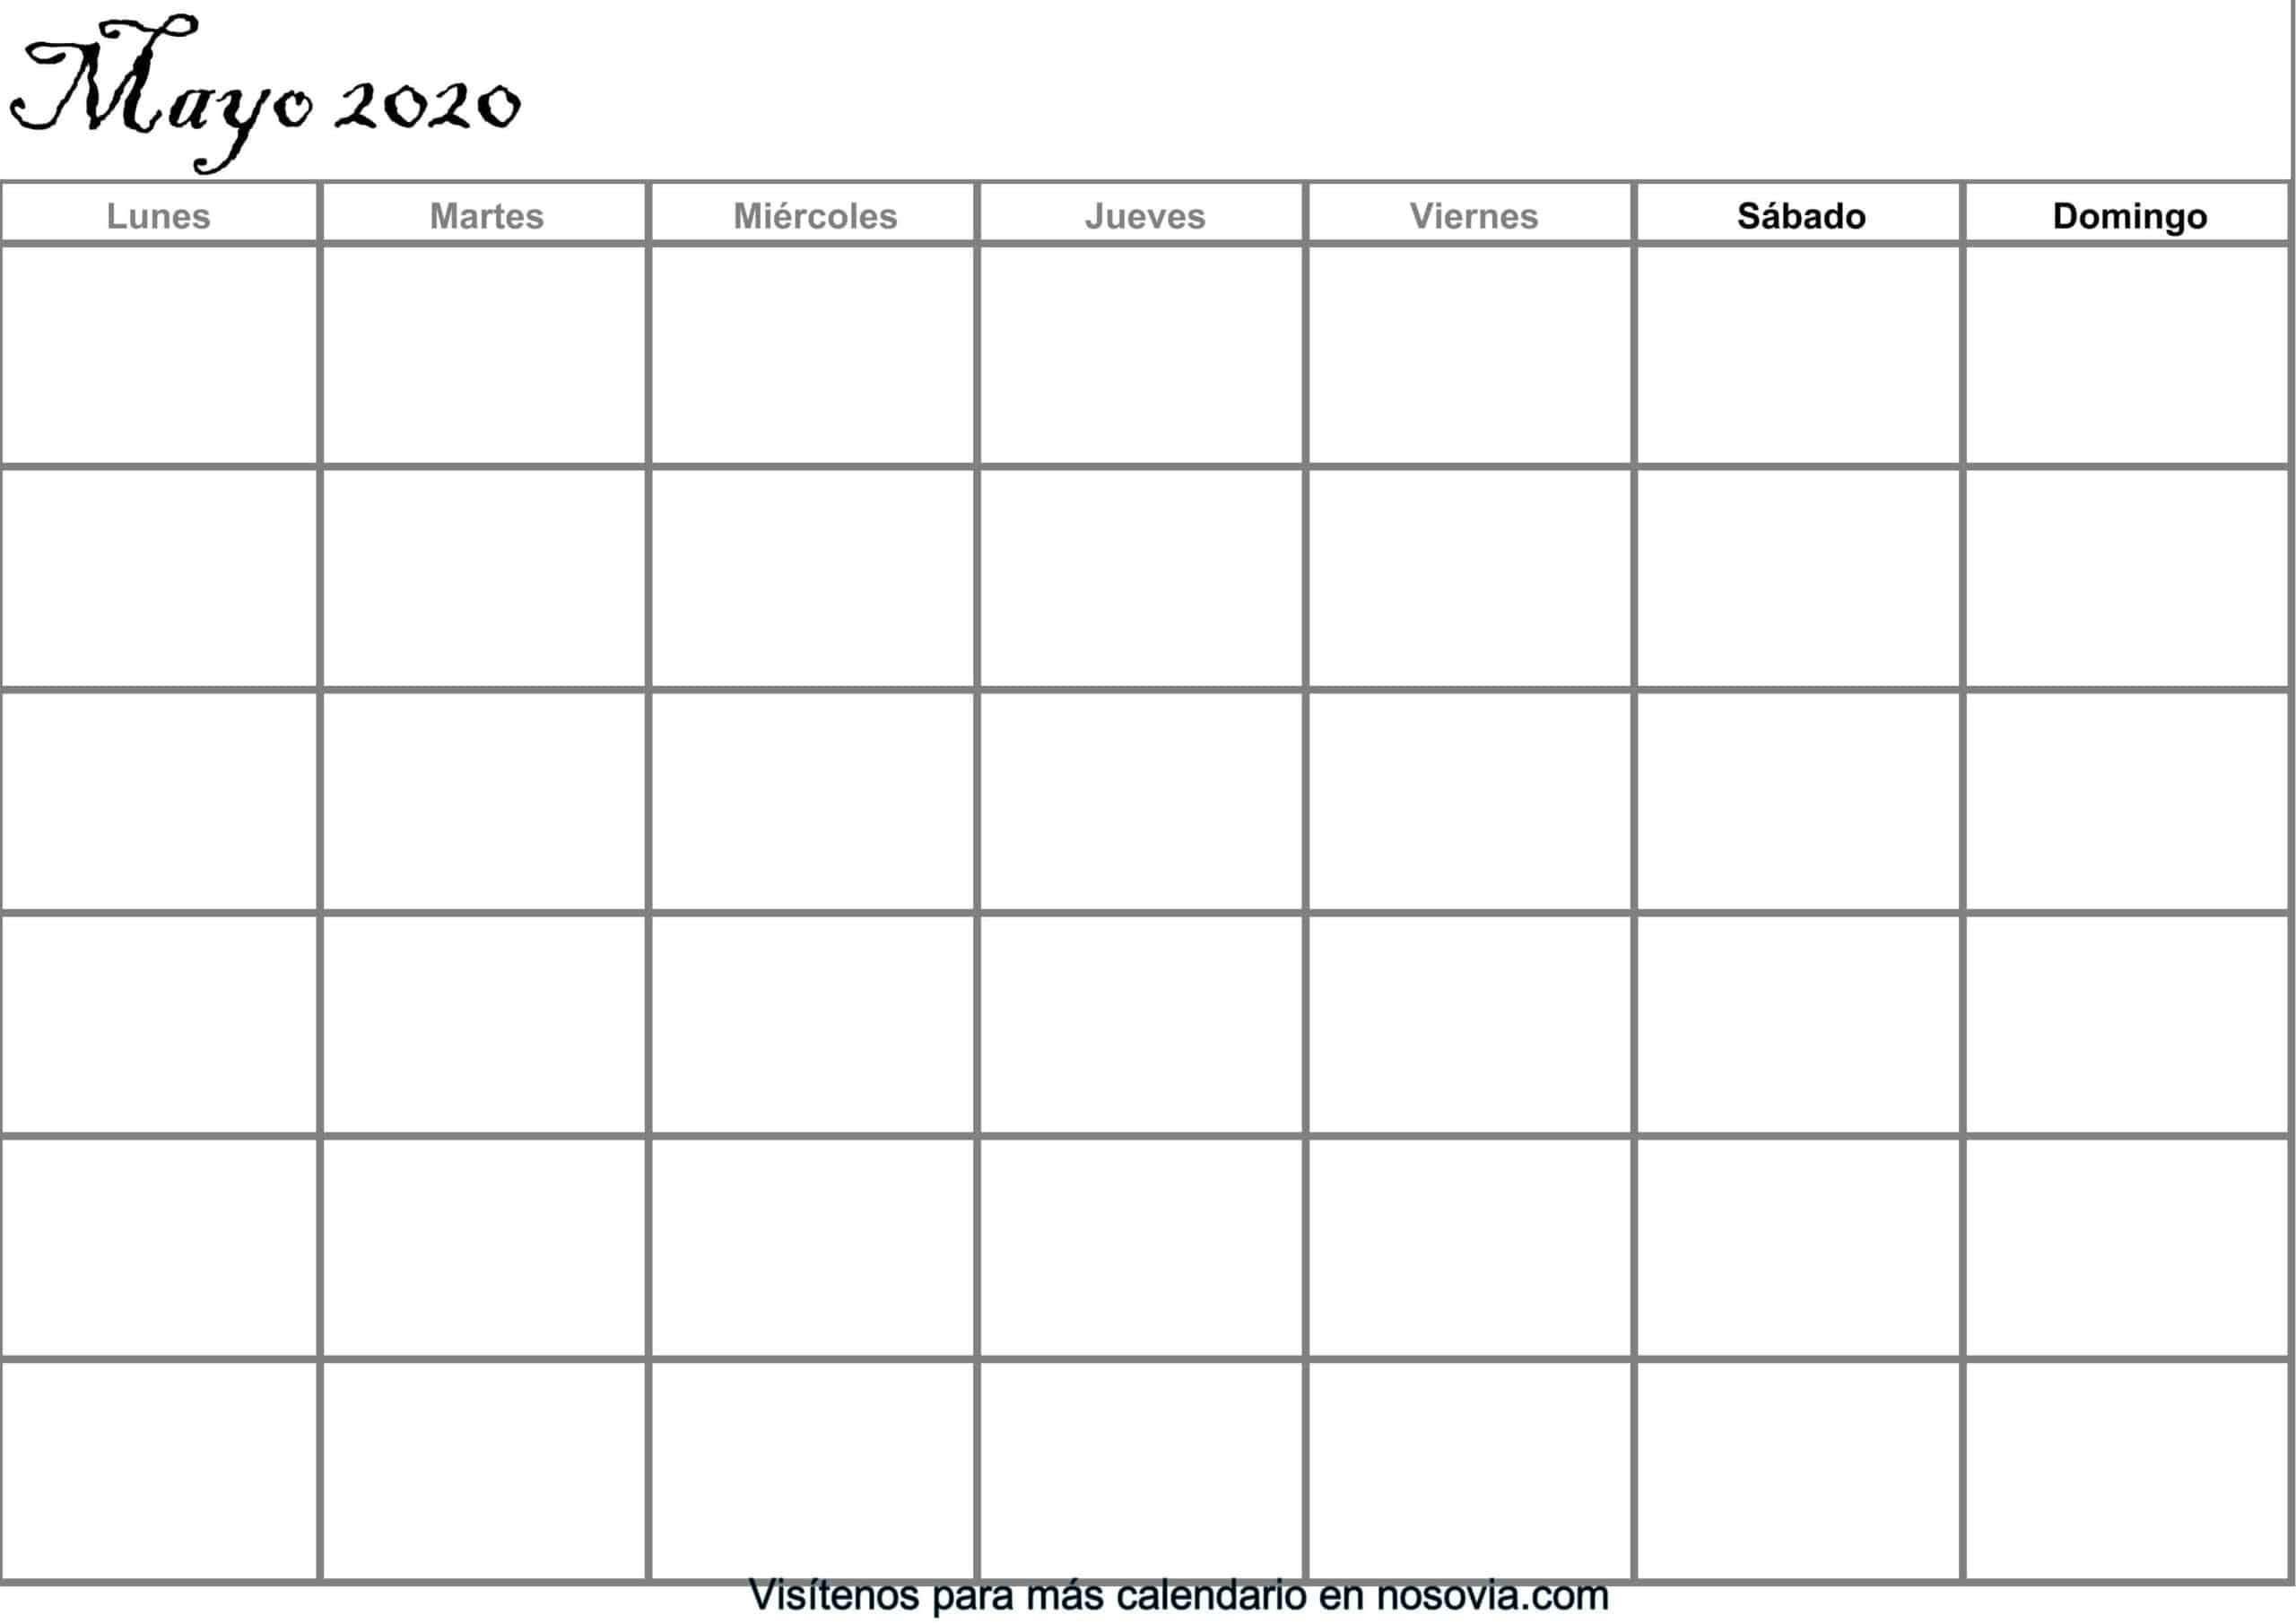 Calendario-mayo-2020-en-blanco-PDF-gratis